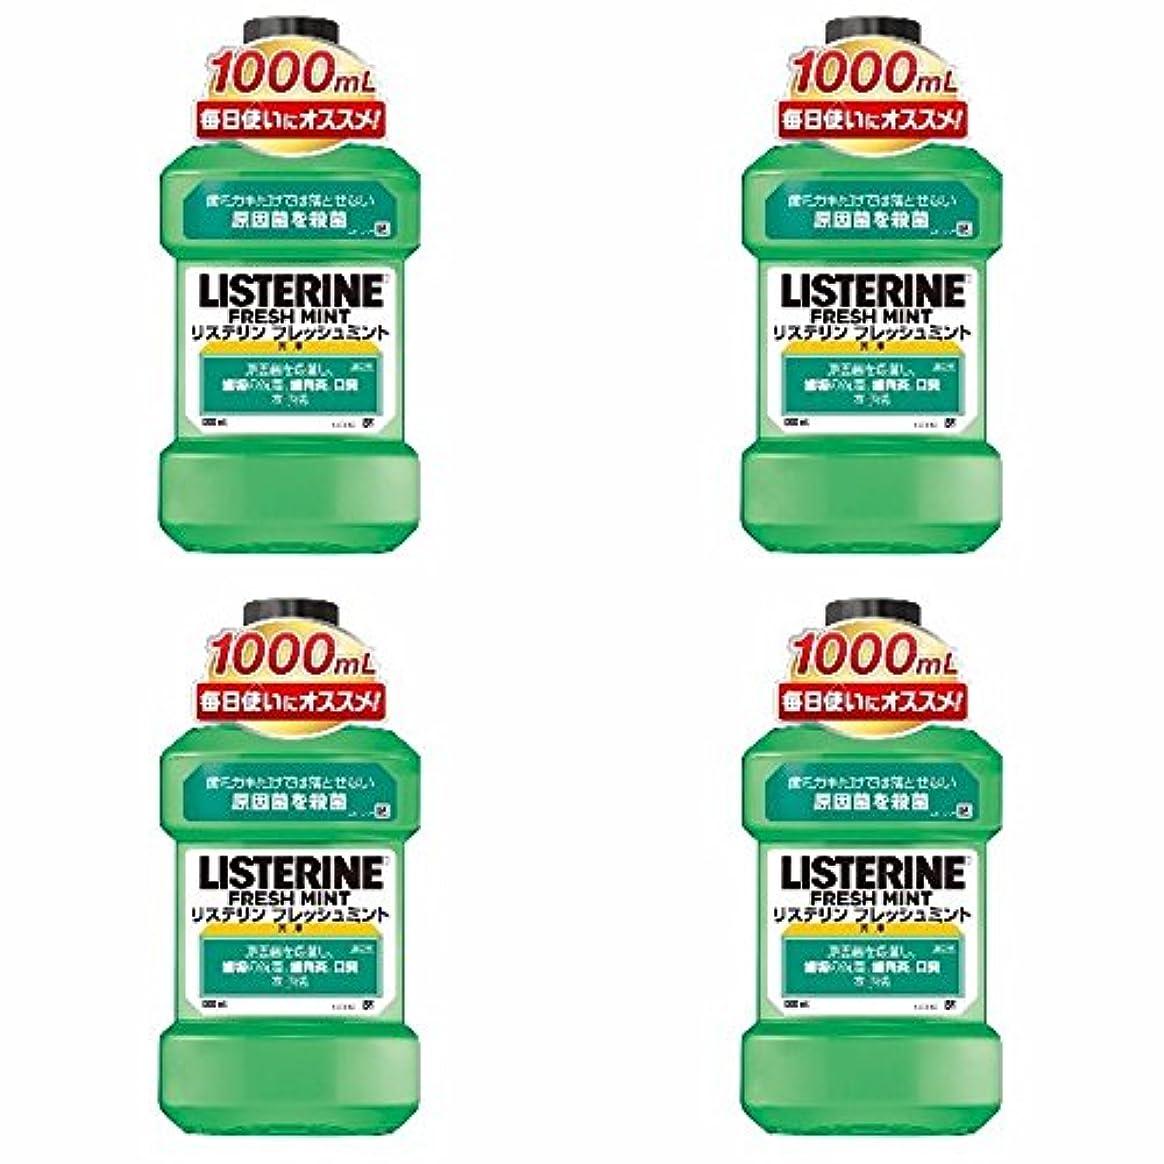 合わせて共役活性化する【まとめ買い】薬用 LISTERINE リステリン フレッシュミント 1000ml×4個